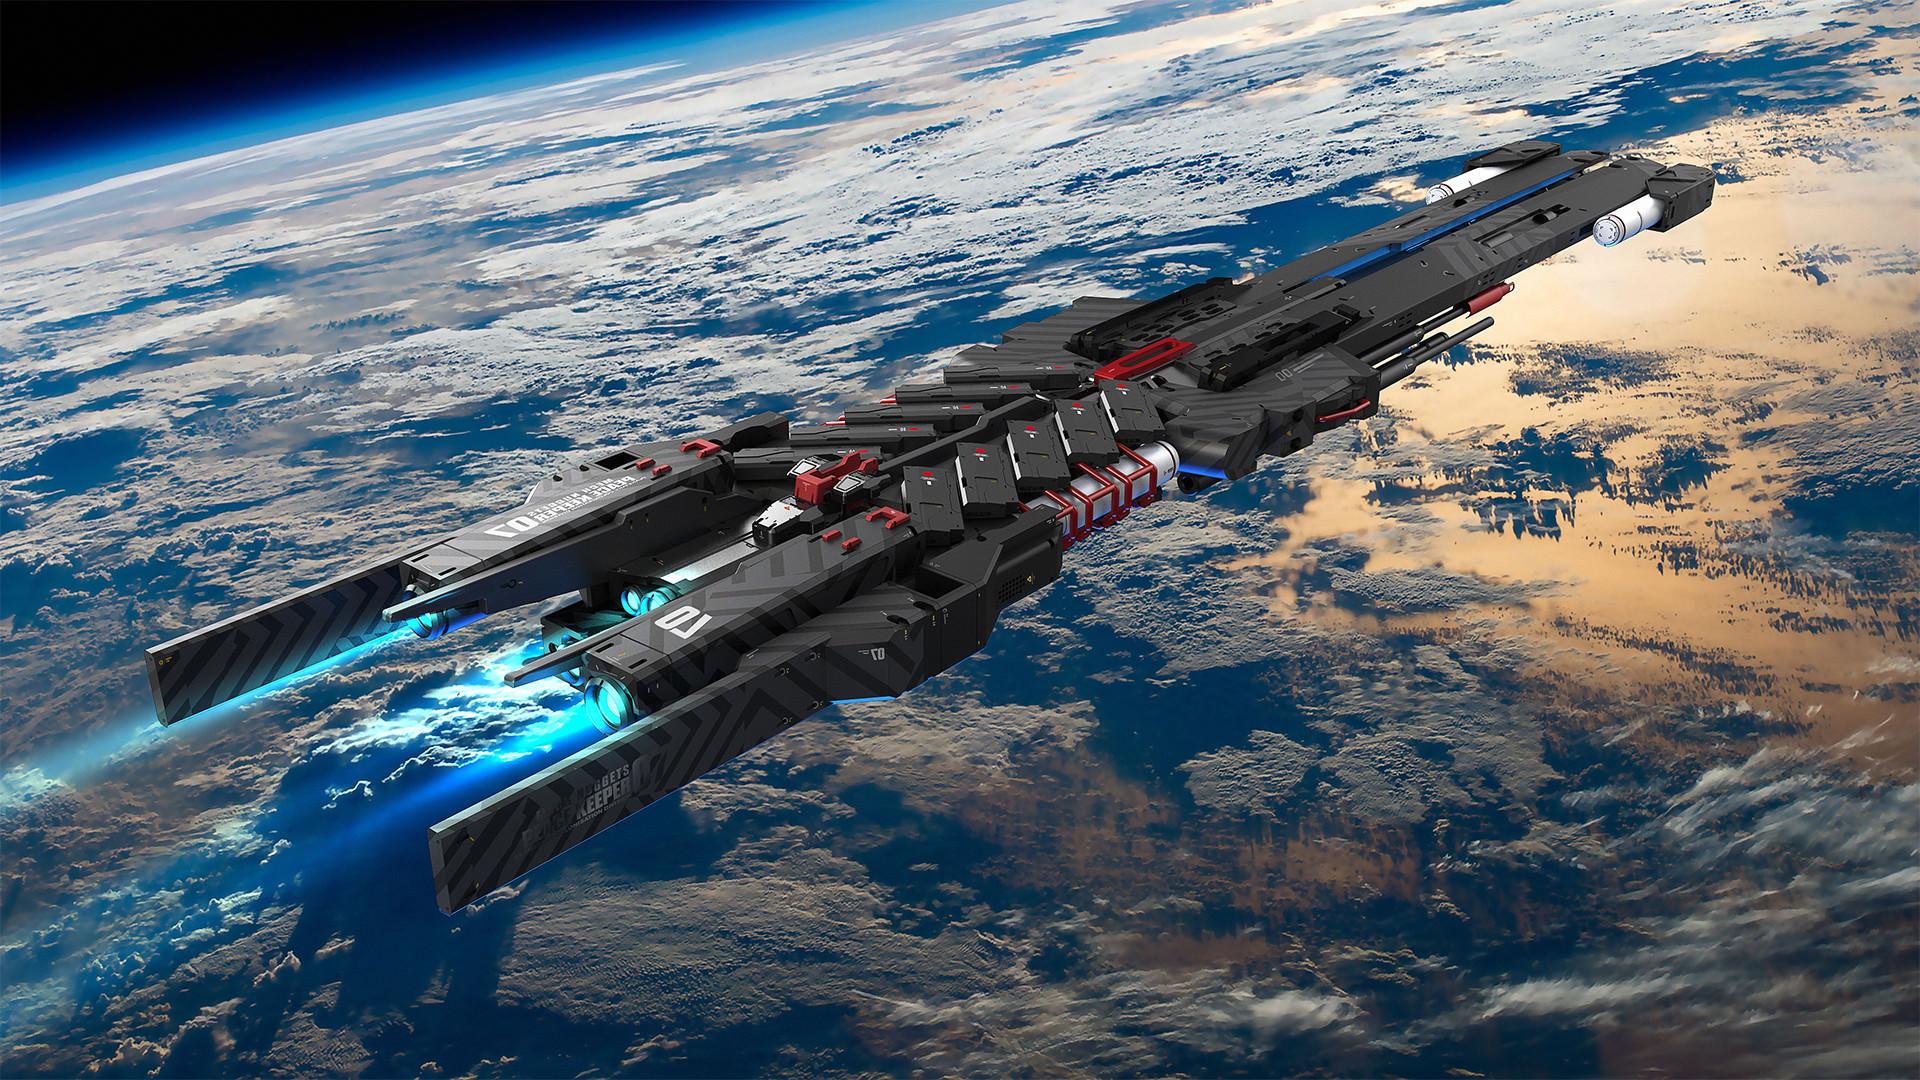 фото космических кораблей из фантастики соорудить навес